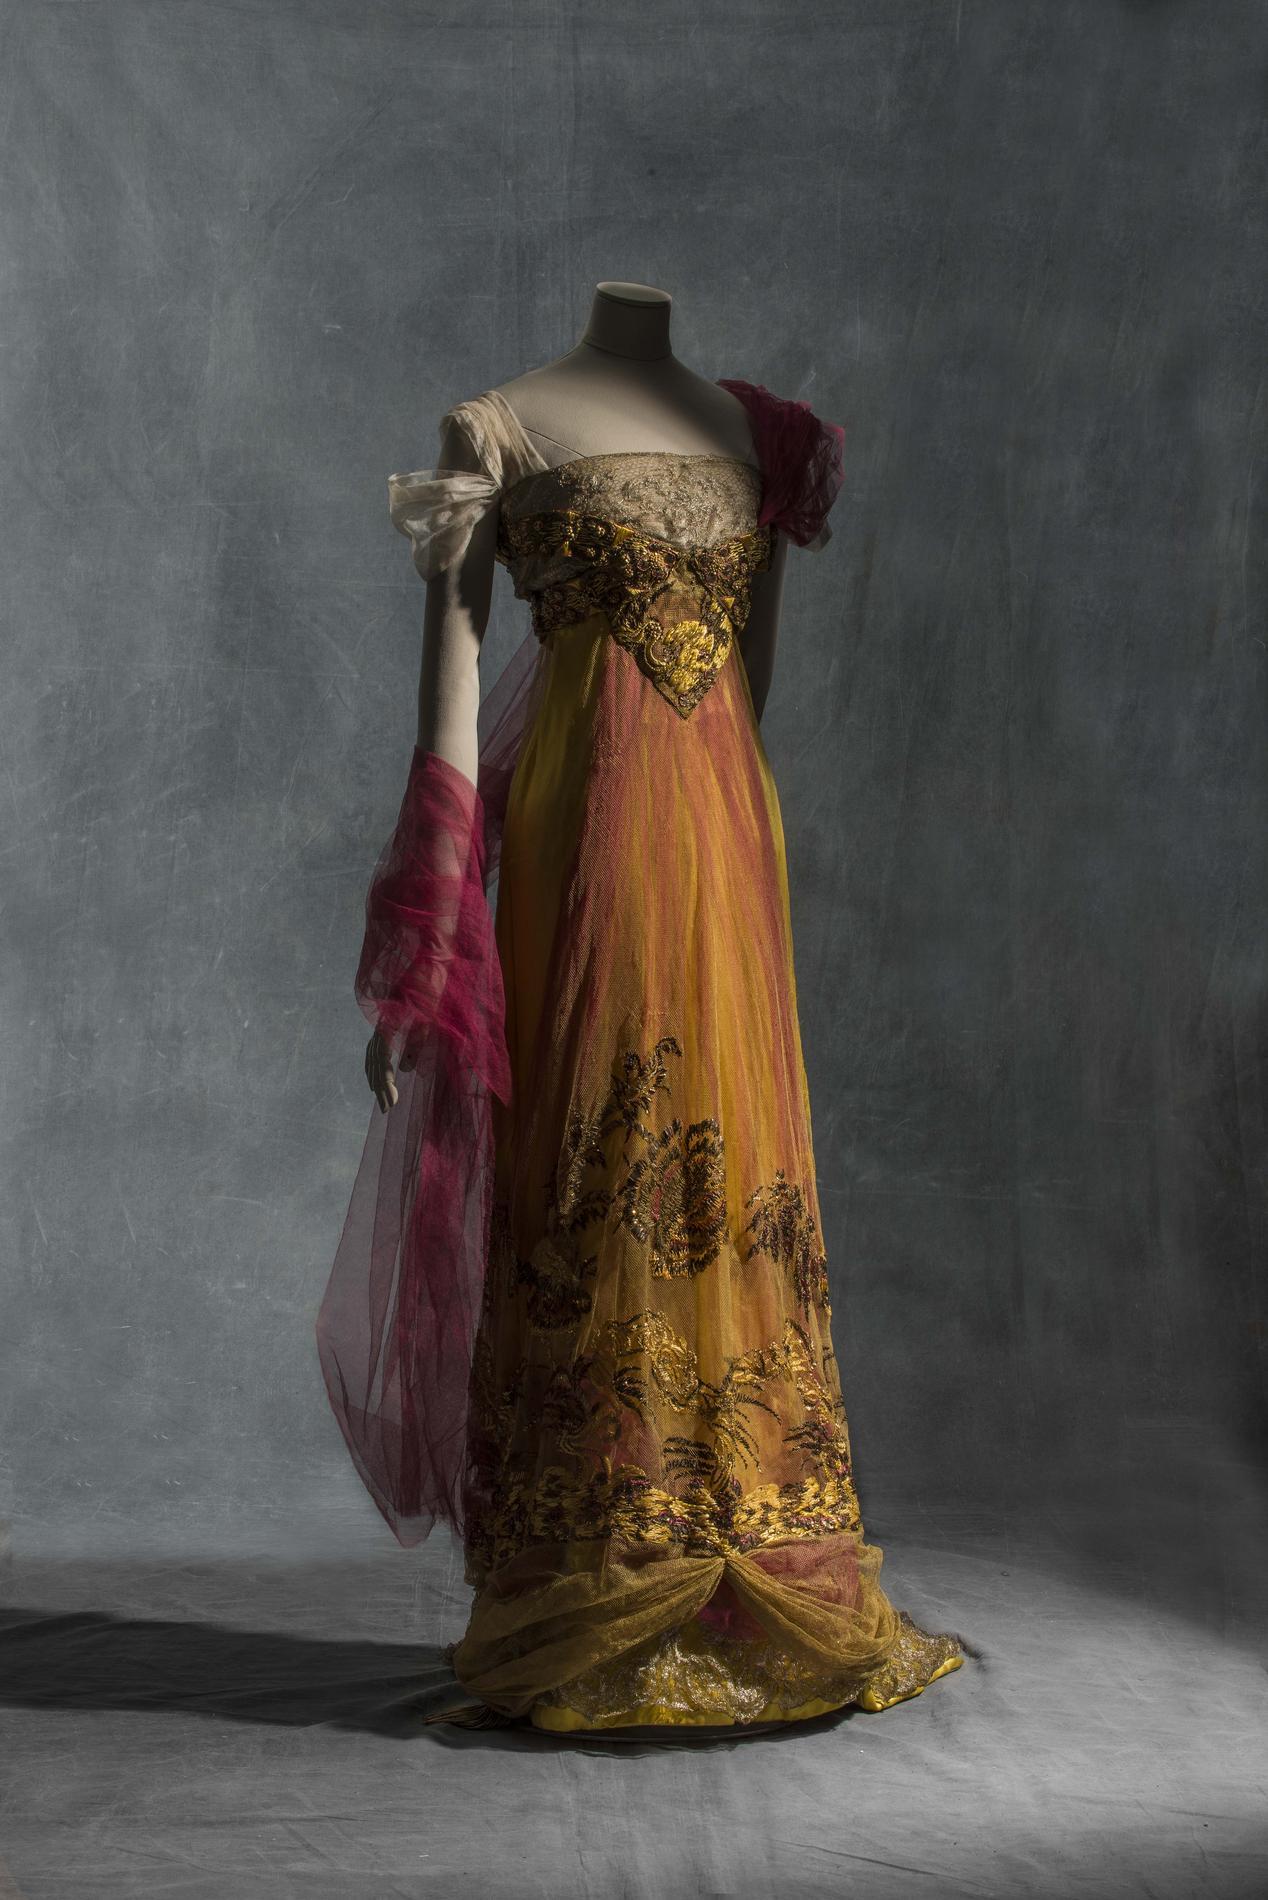 Fashion forward aux arts d co quand la mode claire l - Les arts decoratifs paris ...